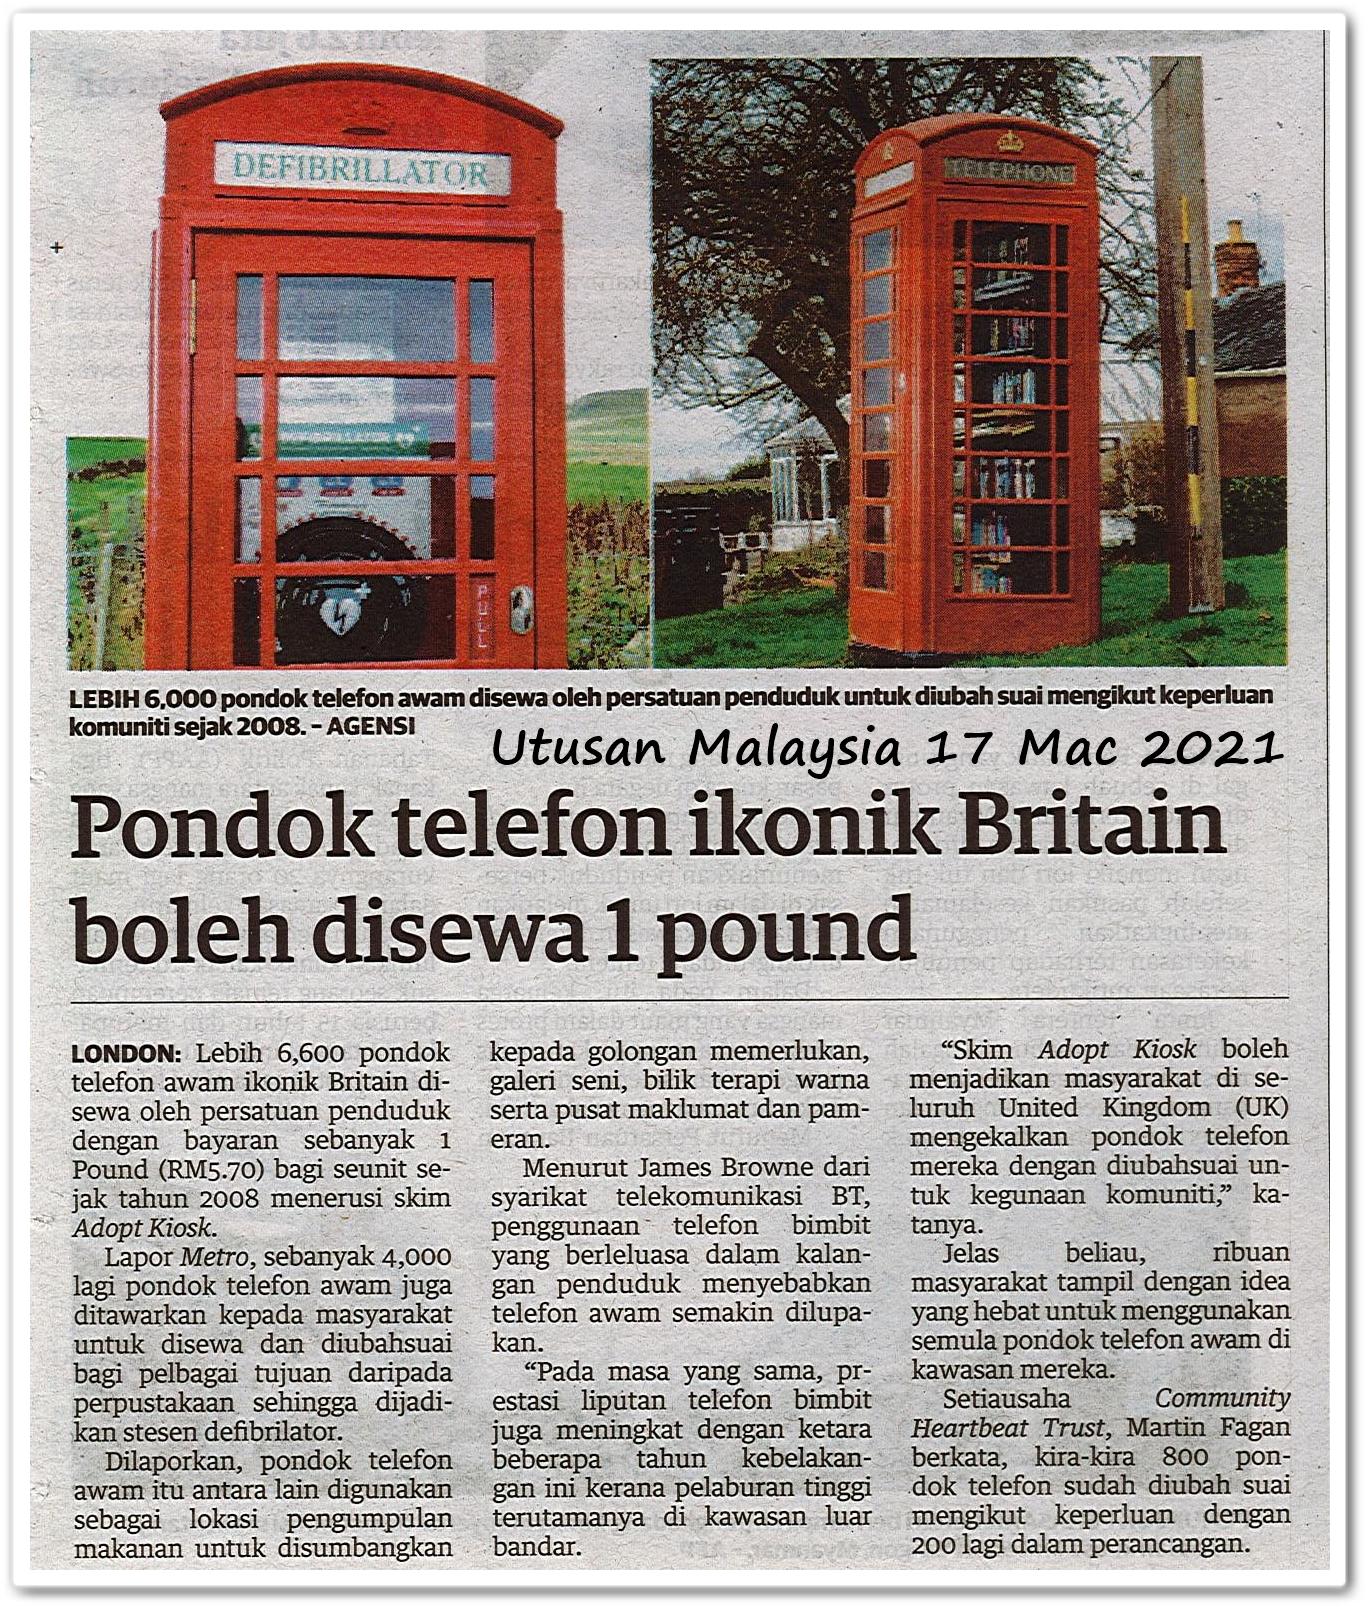 Pondok telefon ikonik Britain boleh disewa 1 pound - Keratan akhbar Utusan Malaysia 17 Mac 2021